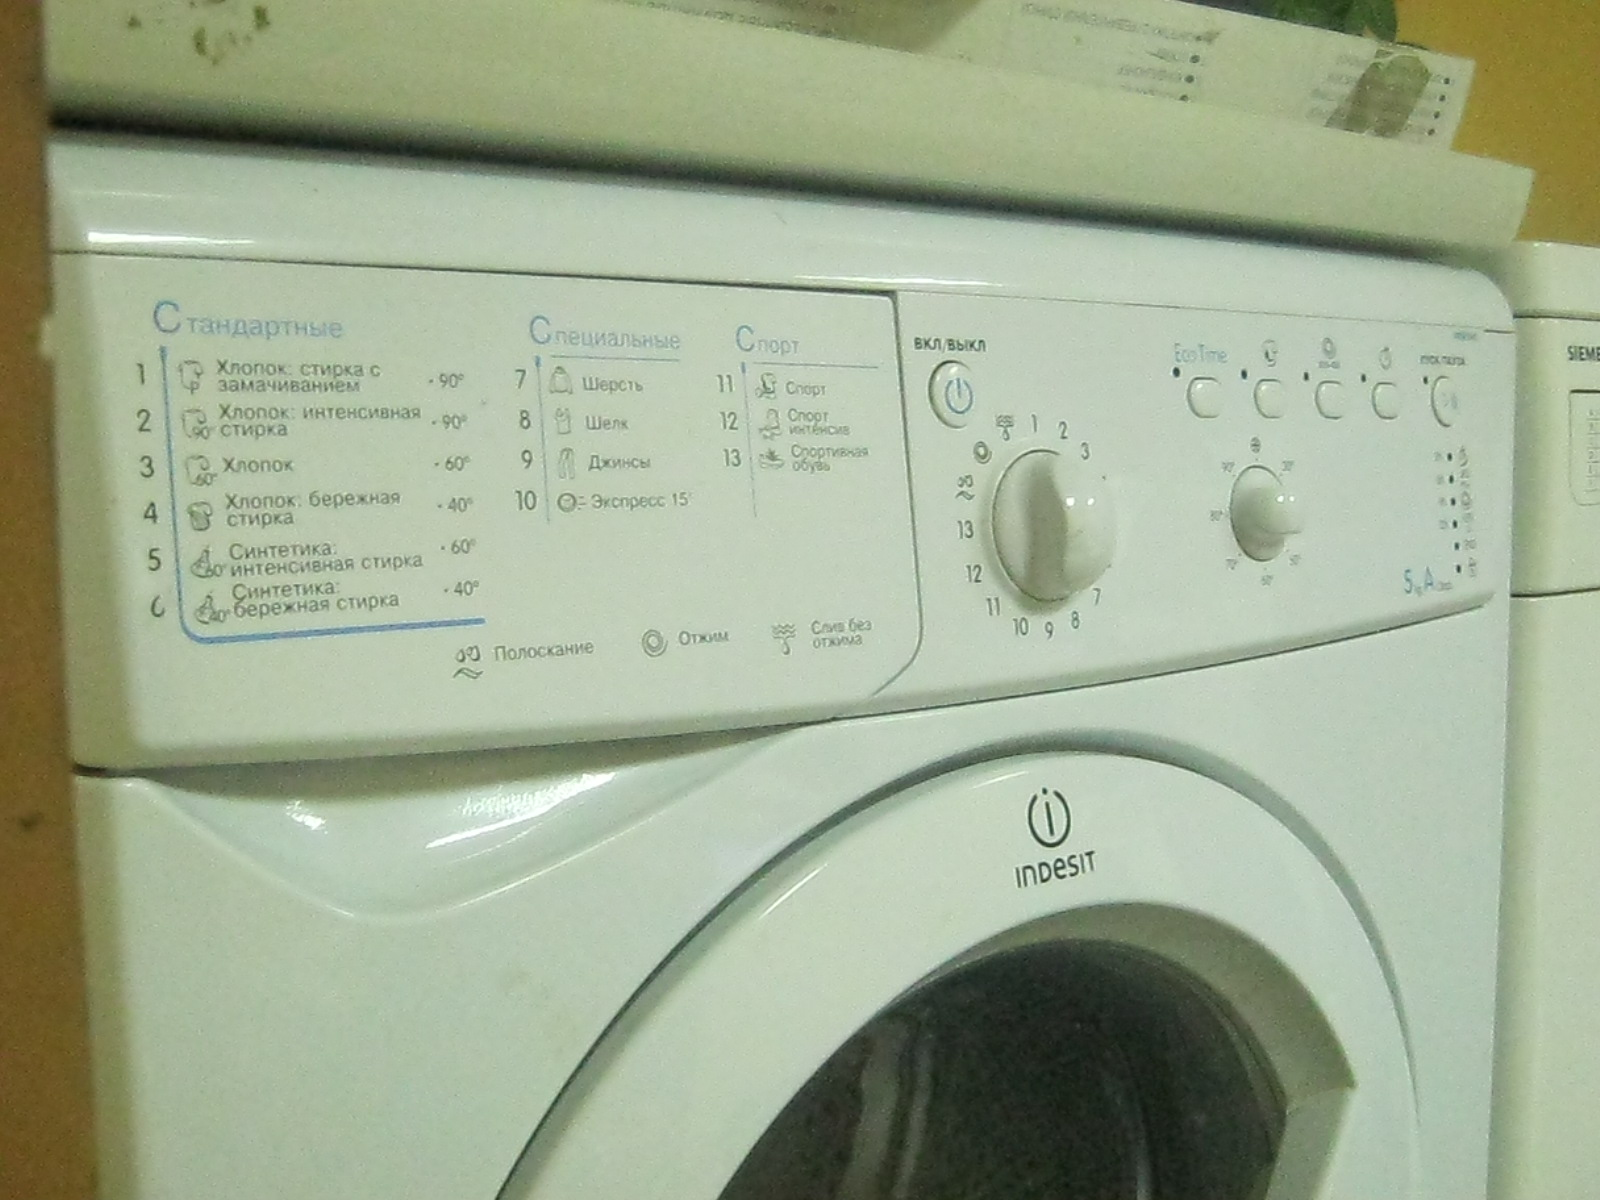 Ремонт стиральных машин indesit ws84tx своими руками